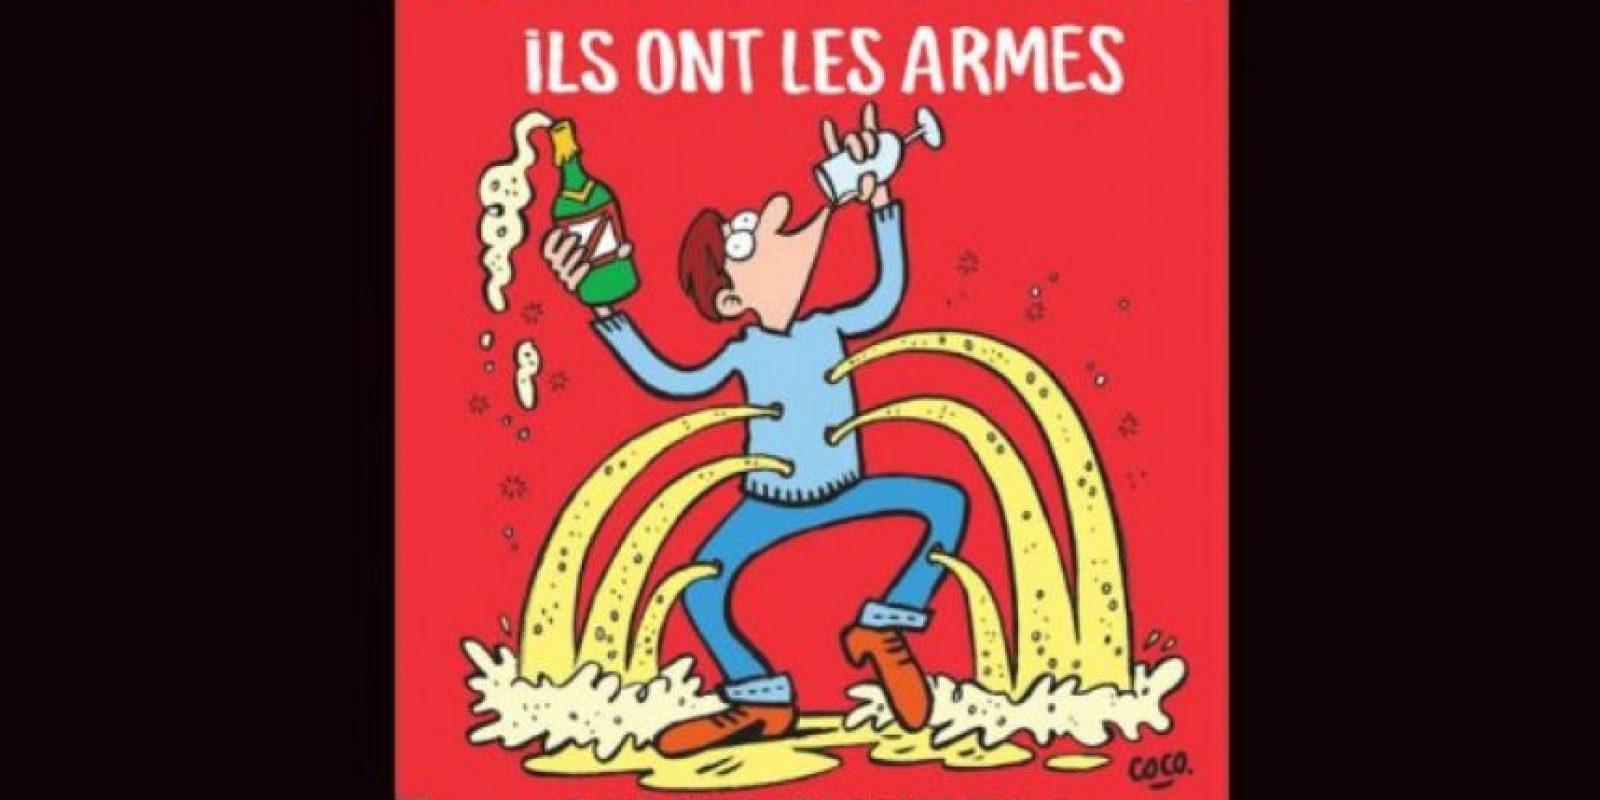 """3. Reacción a los ataques de noviembre. Esta portada respondió a los ataques terroristas en París la noche del 13 de noviembre de 2015 que dejó más de 100 muertos. Se destaca una imagen de un hombre acribillado diciendo: """"Ellos tienen las armas. Que se jodan. ¡Nosotros tenemos champán! """" Foto:Fuente Externa"""